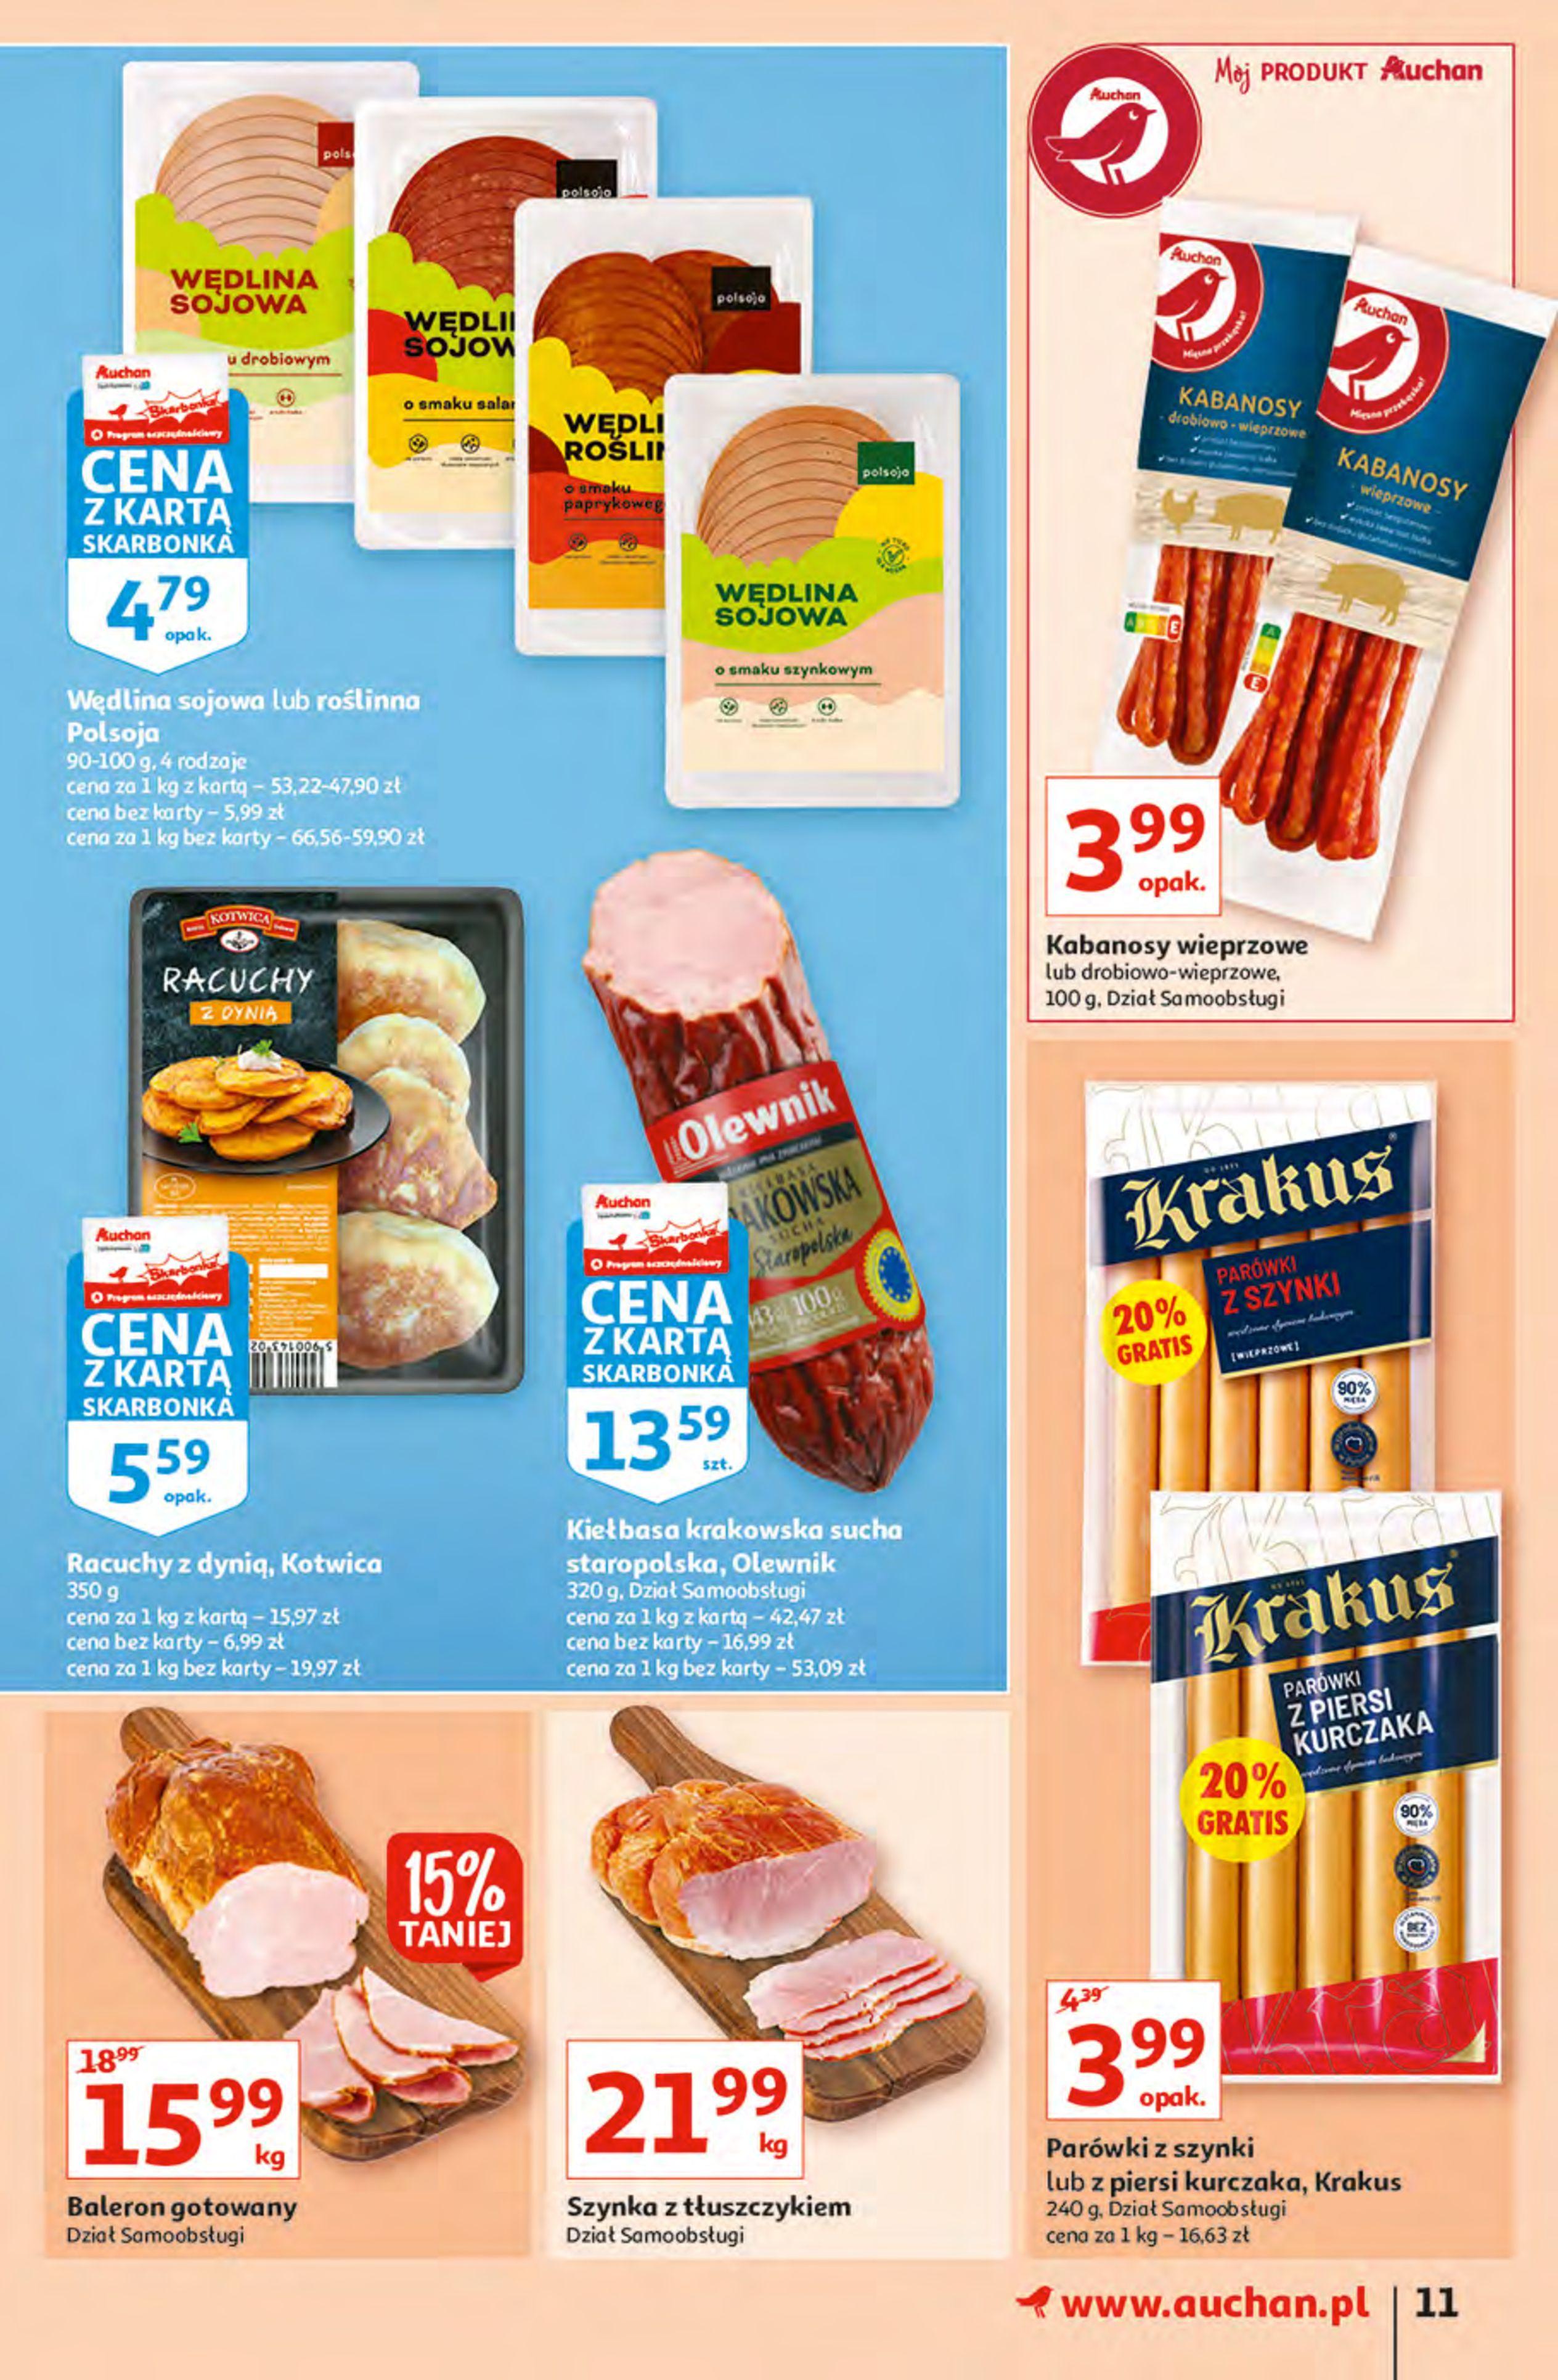 Gazetka Auchan: Gazetka Auchan - Hiperoszczędzanie z Kartą Skarbonka 2 Hipermarkety 2021-10-14 page-11